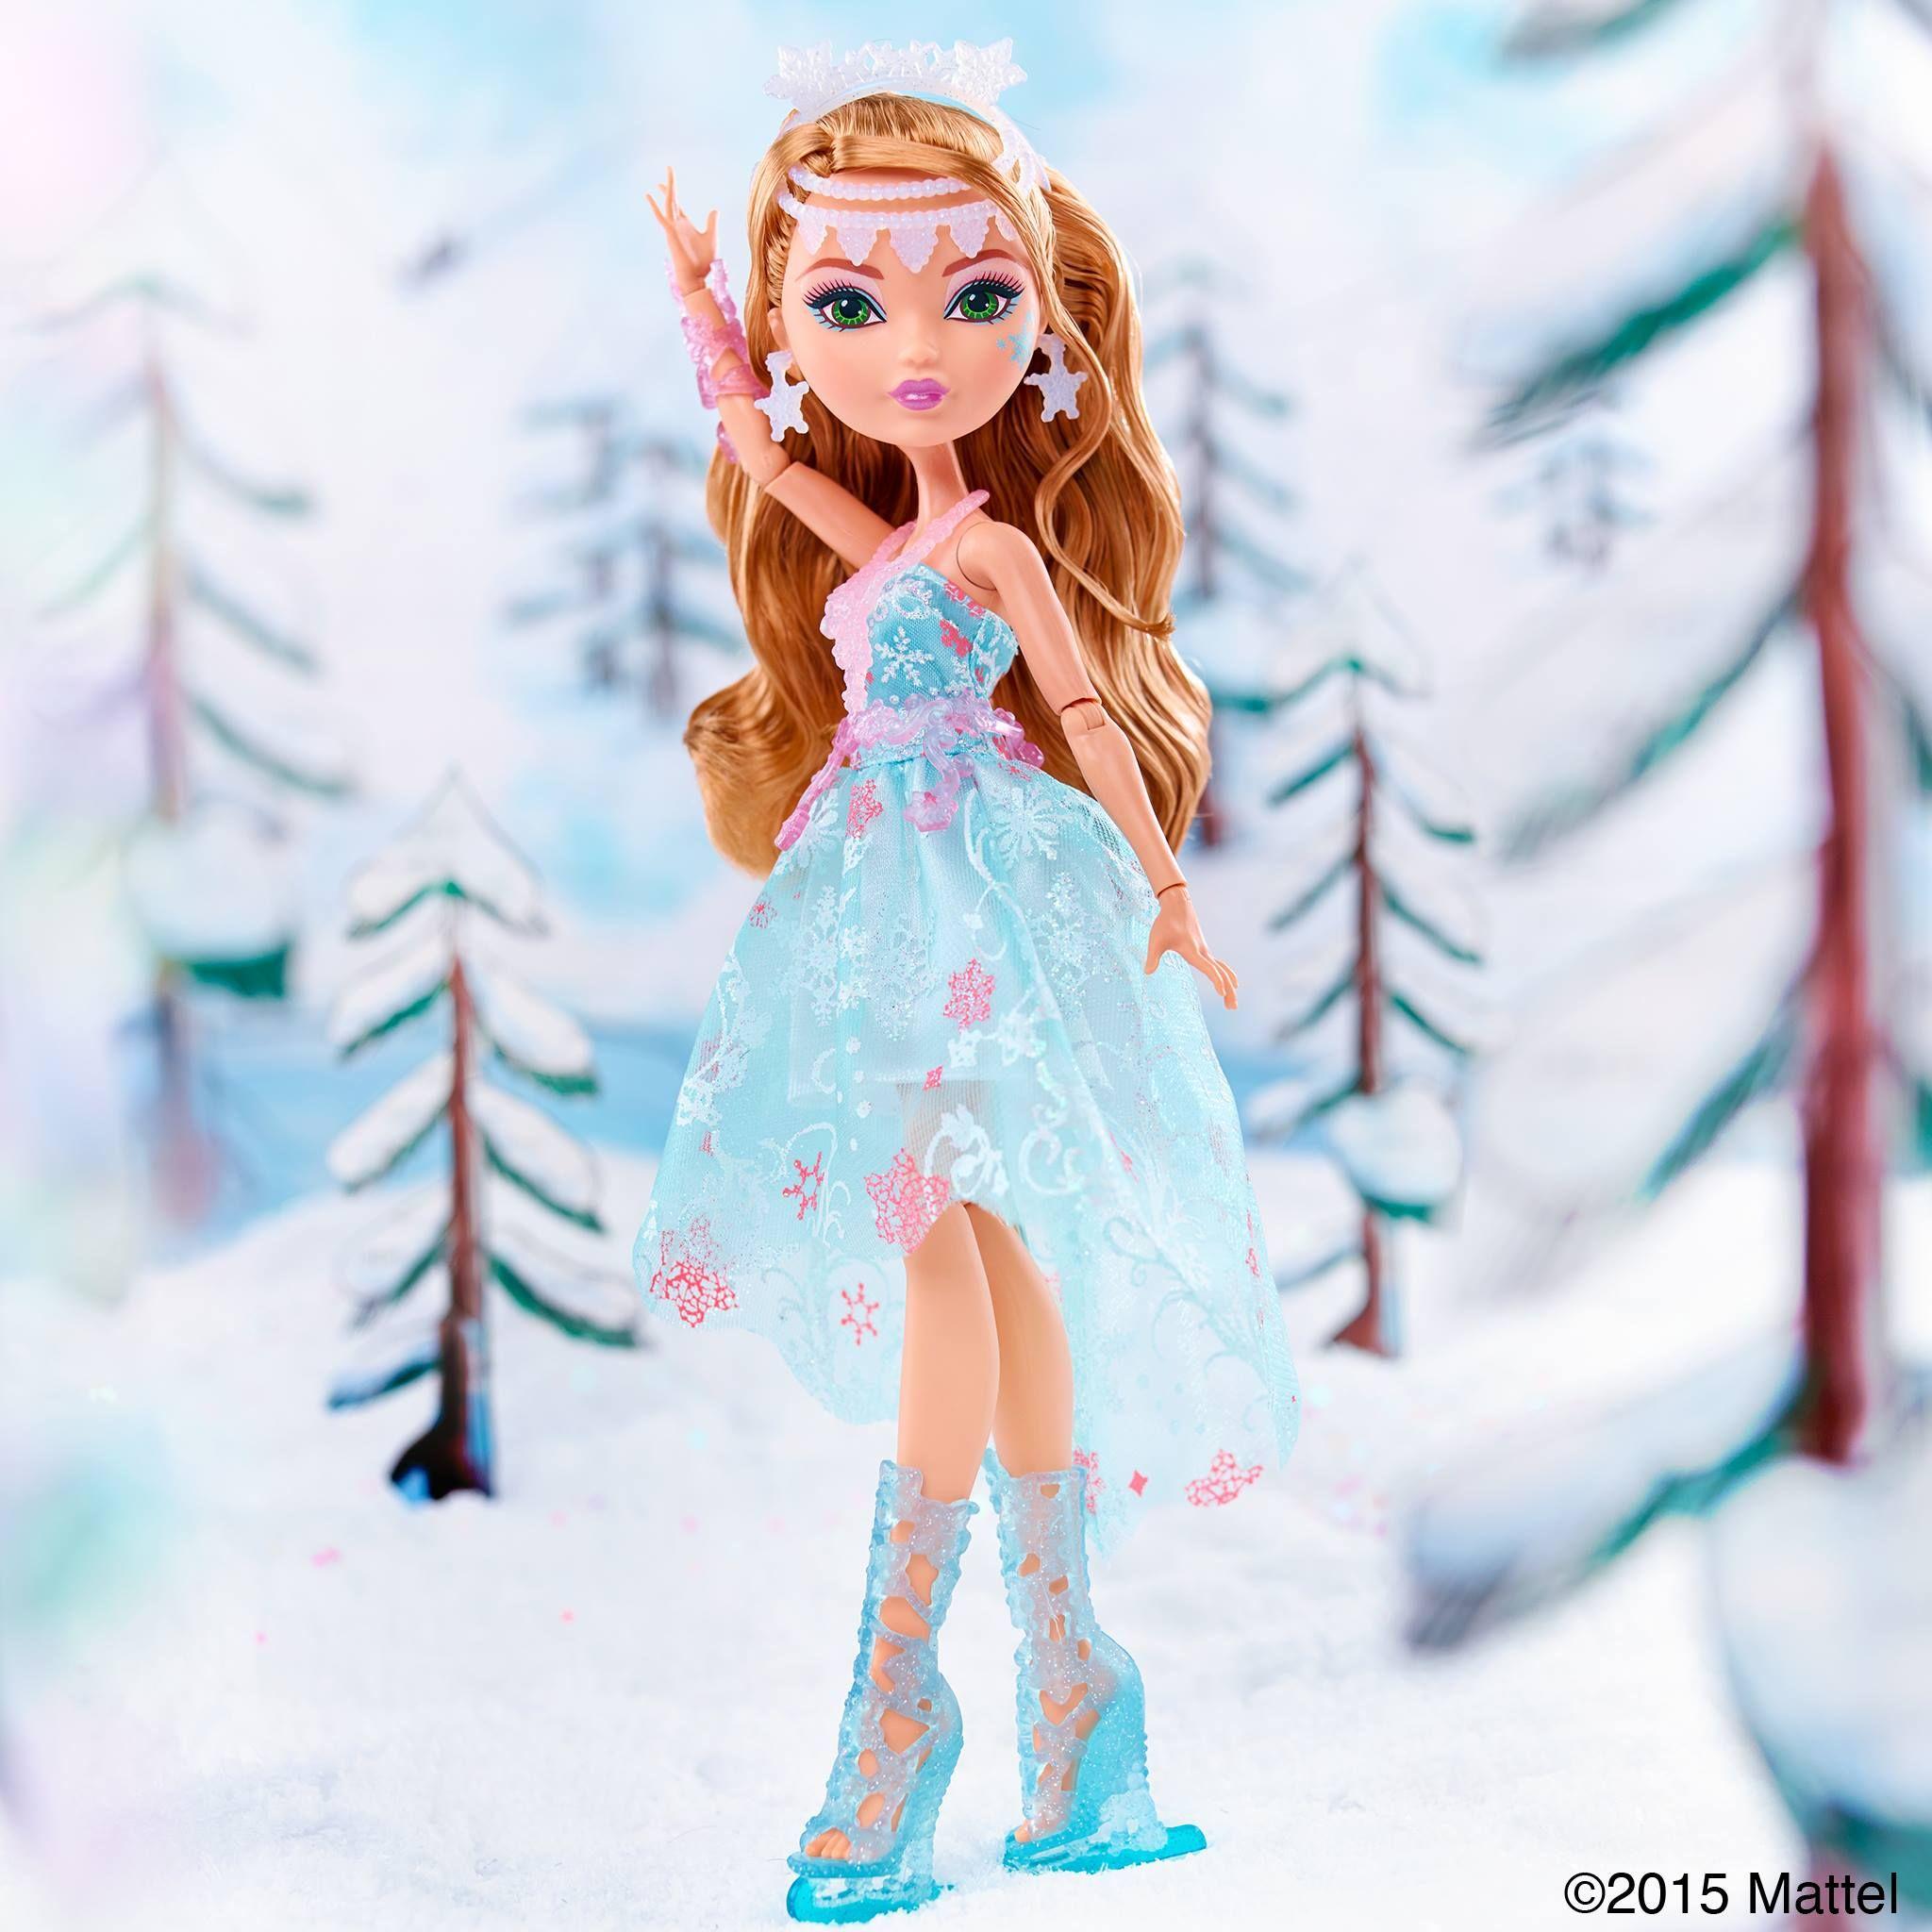 Ashlynn fairest on ice ashlynn ella (mattel image)   emilia